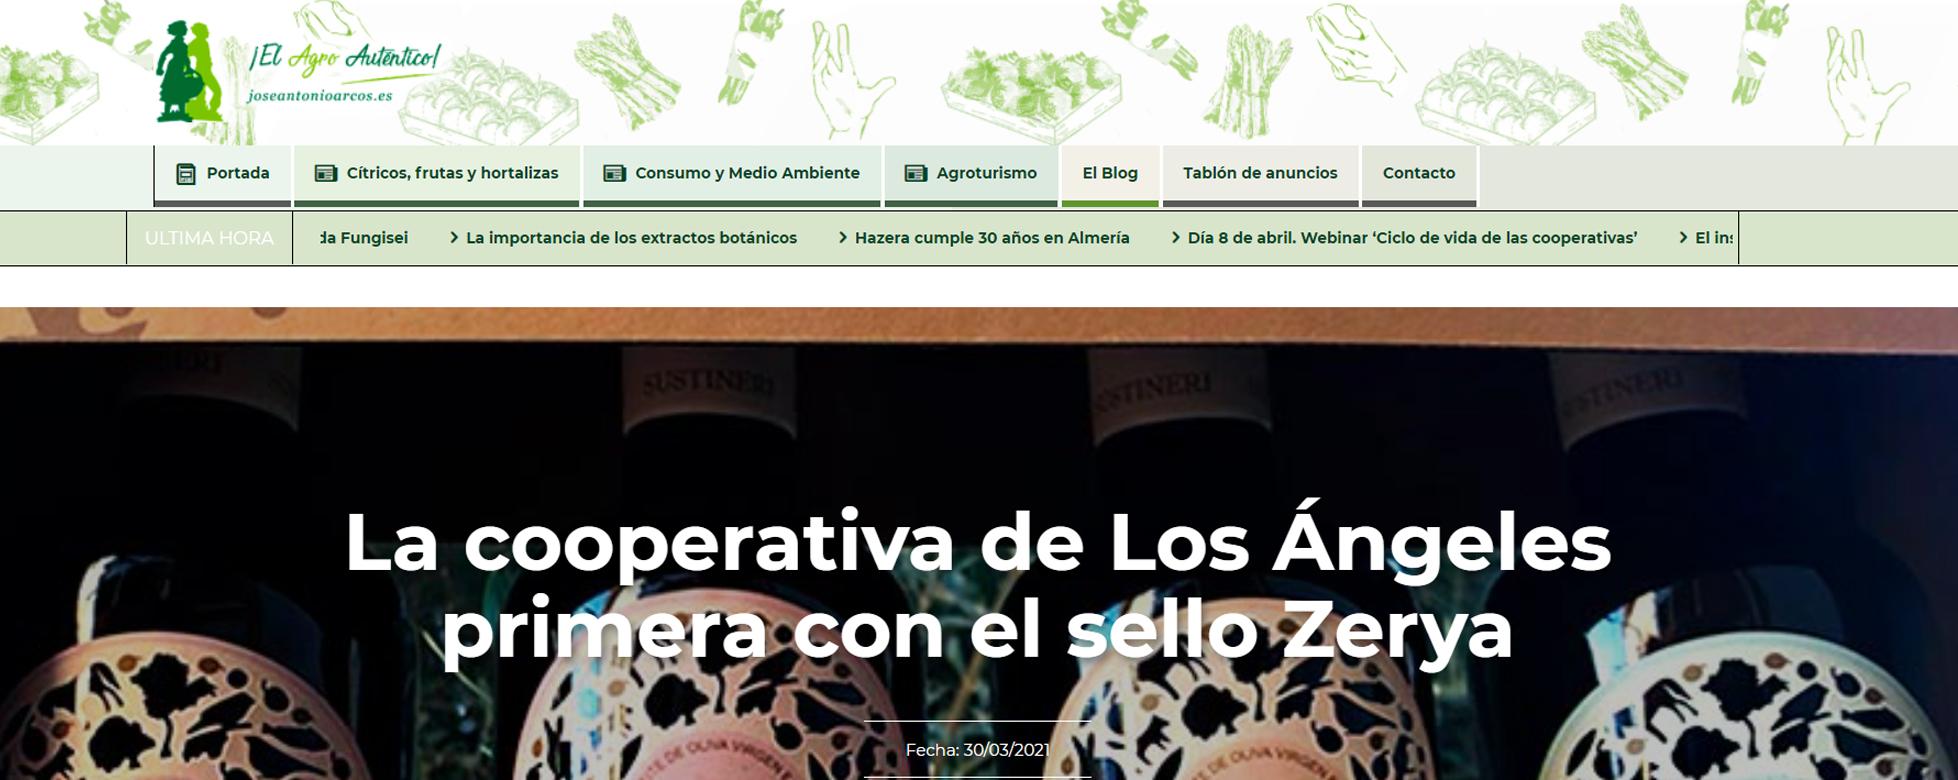 El Agro Auténtico habla del aceite 'Sustineri'